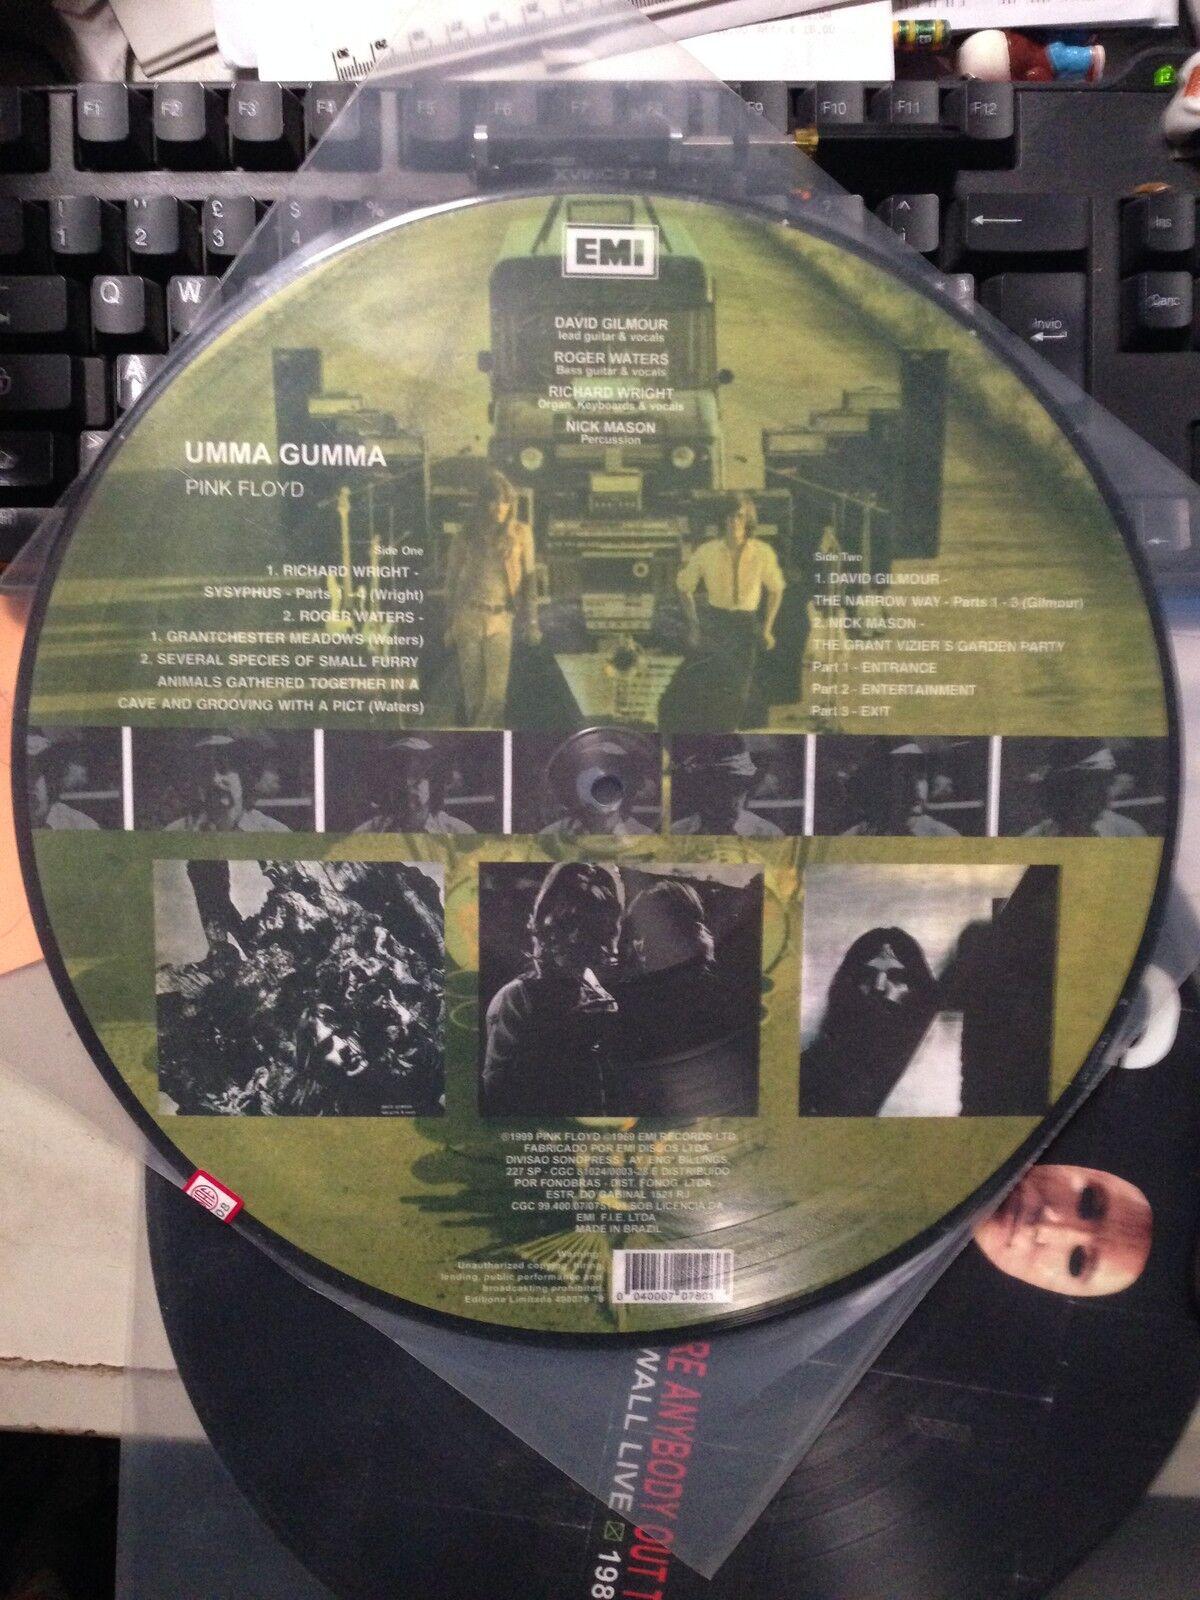 rose FLOYD - UMMA GUMMA - LP VINYL PICTURE DISC  - RARO